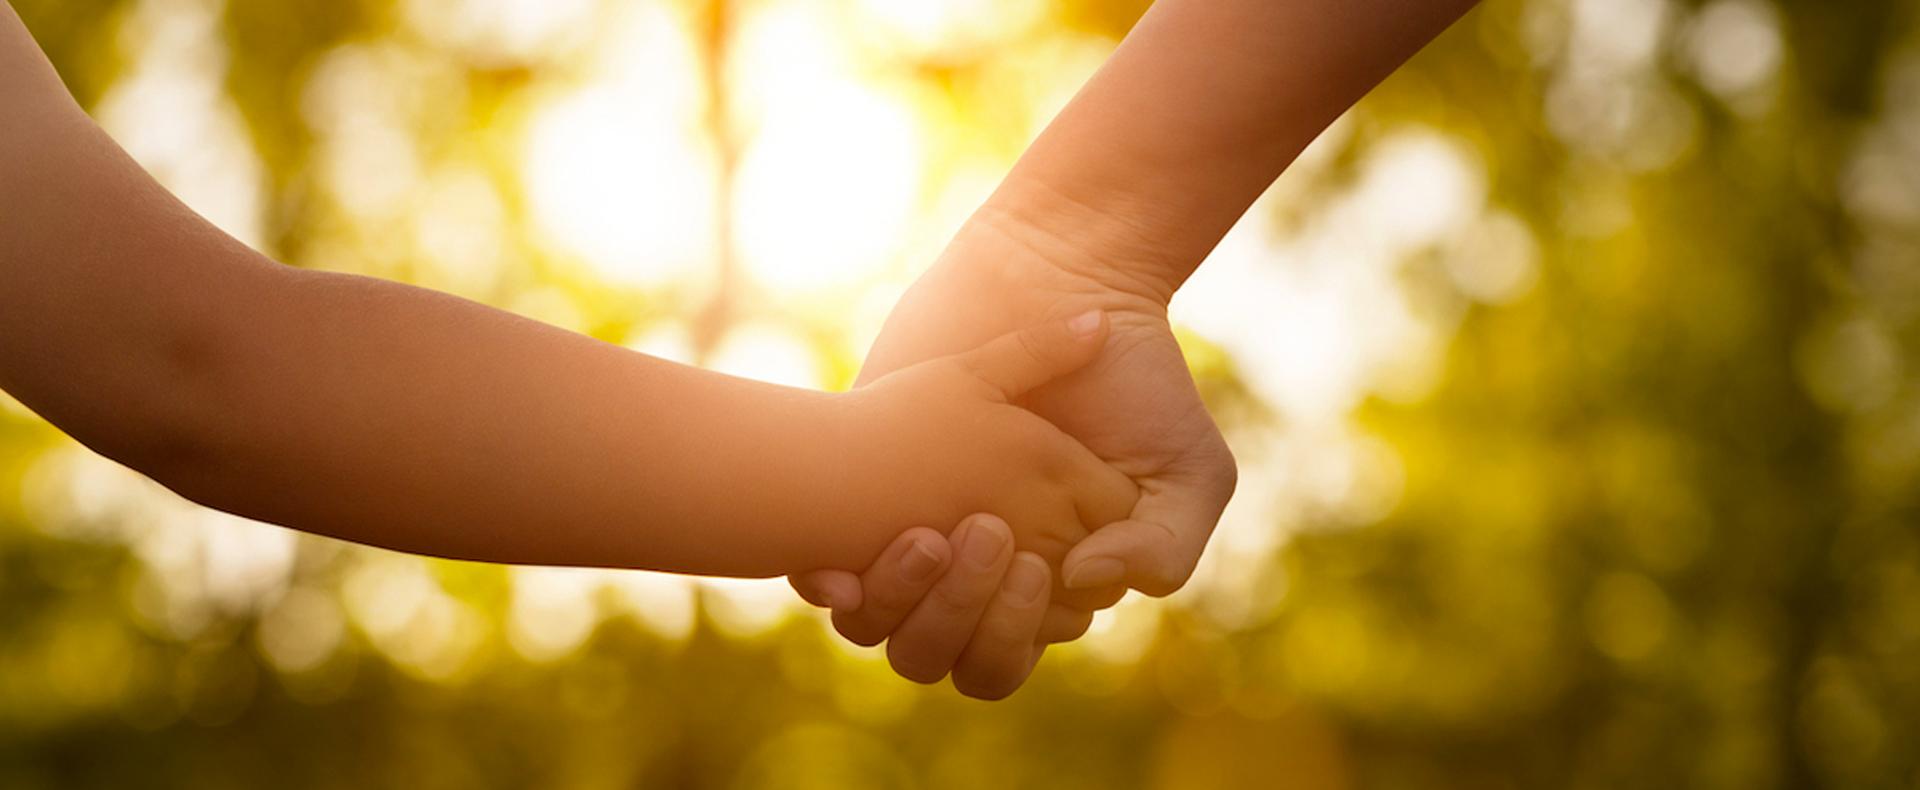 Legado Solidario: <ul> <li>Los legados solidarios son las herencias que se donan, total o parcial, que al concretarse significan un gran aporte económico para las organizaciones de la sociedad civil. Es una manera de dejar a futuro una ayuda que modificará la vida de las personas que más lo necesitan.</li> <li>El legado solidario es un gran acto de amor que marcará el futuro de muchas personas, generando grandes cambios.</li> </ul>